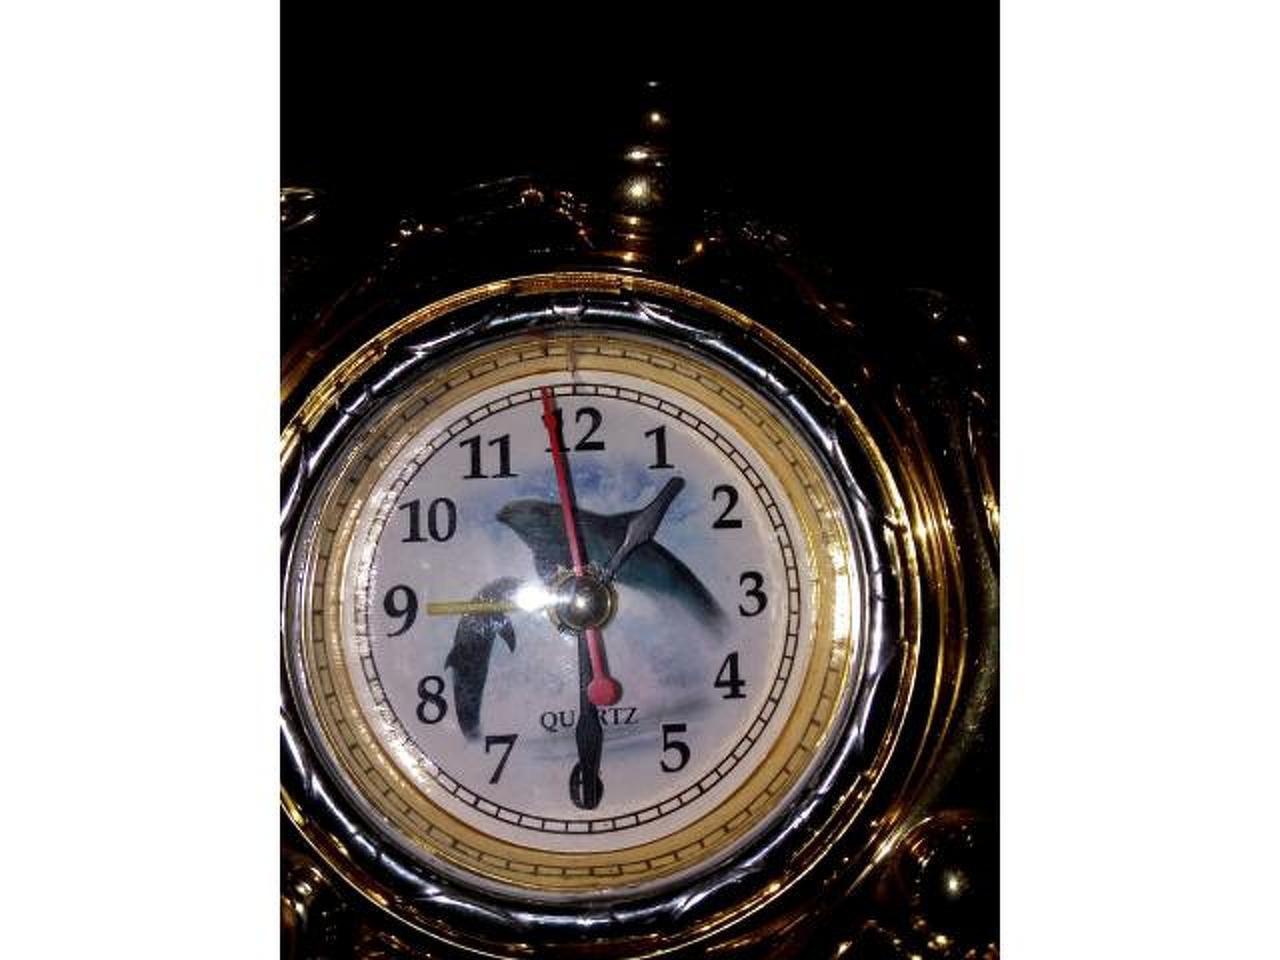 Relógio/despertador com golfinhos. - 2/3